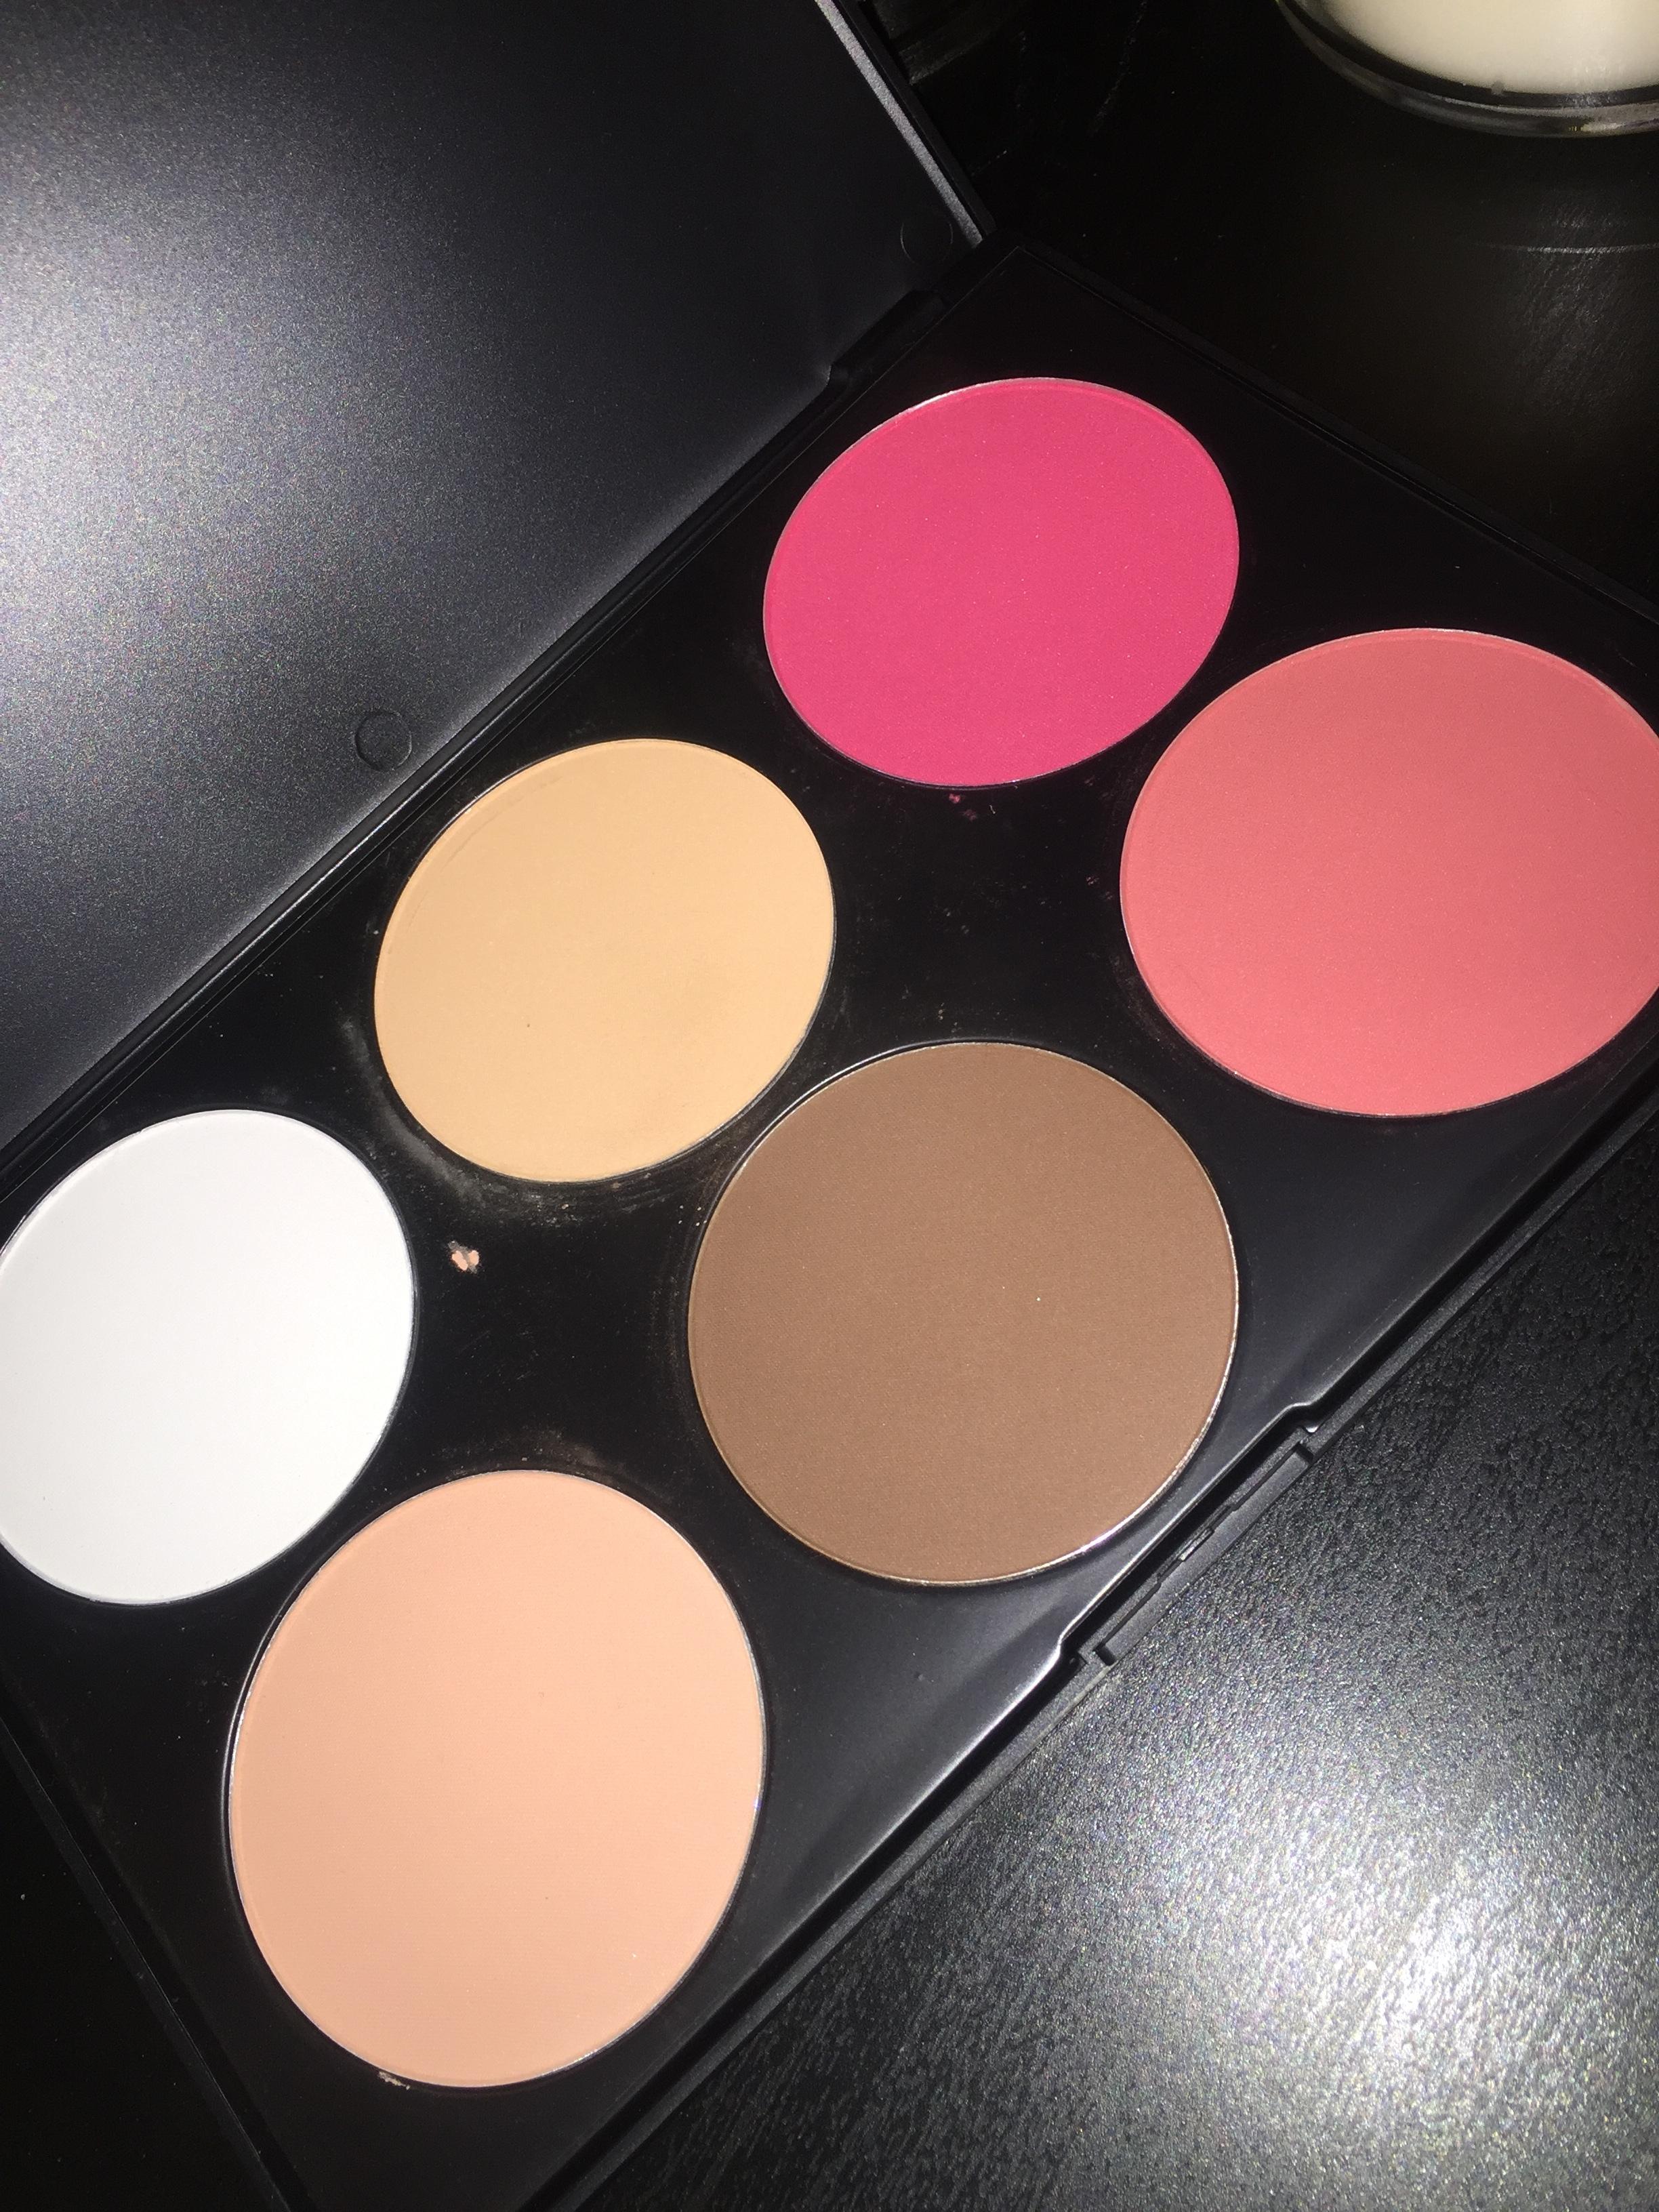 BH Cosmetics Contour & Blush 6 Color Palette